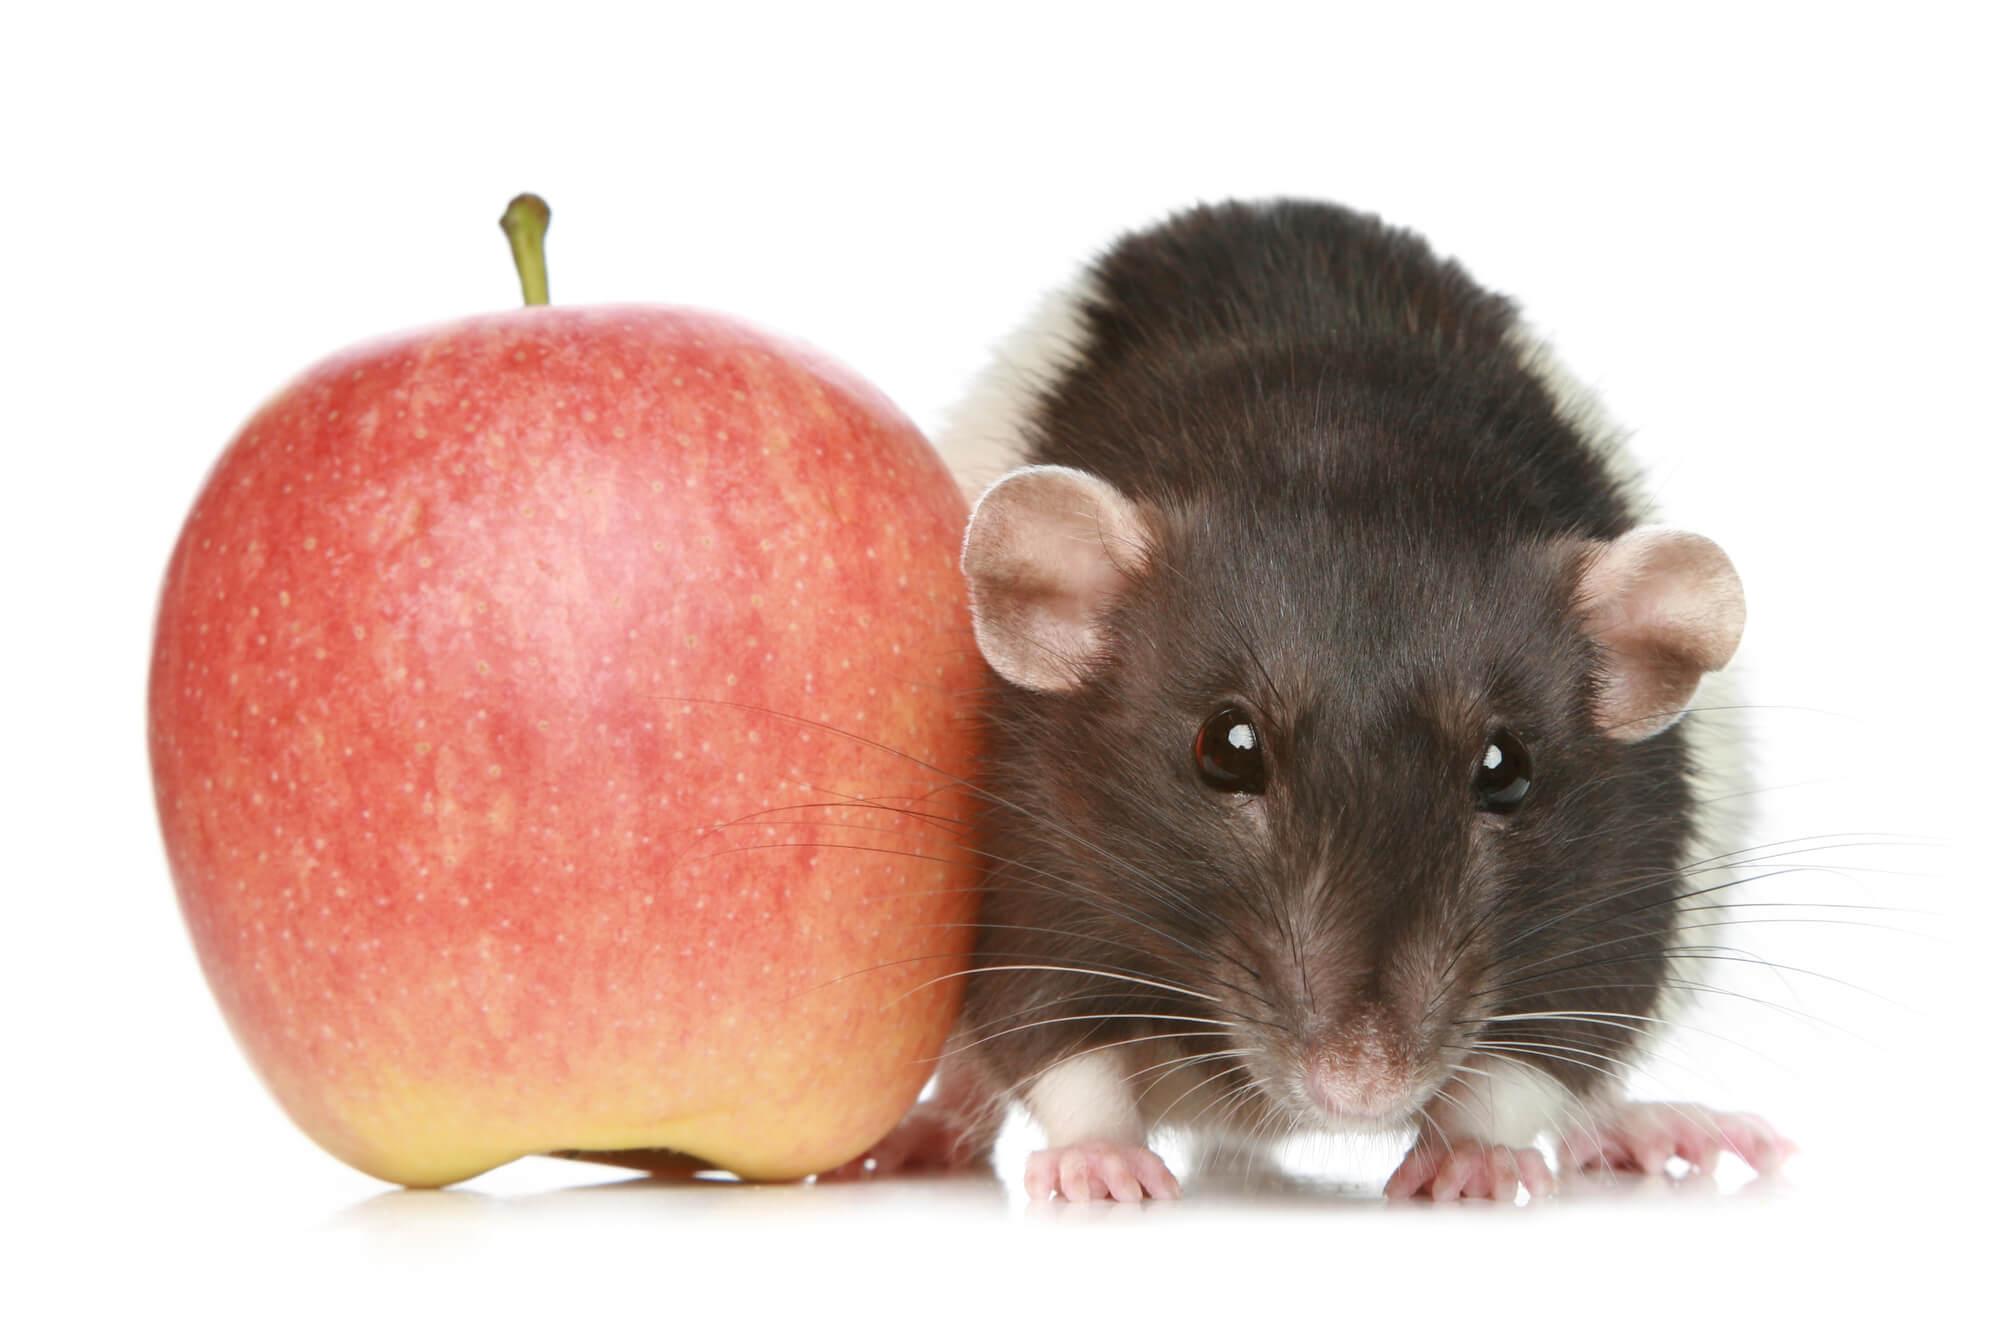 ハムスターとリンゴ